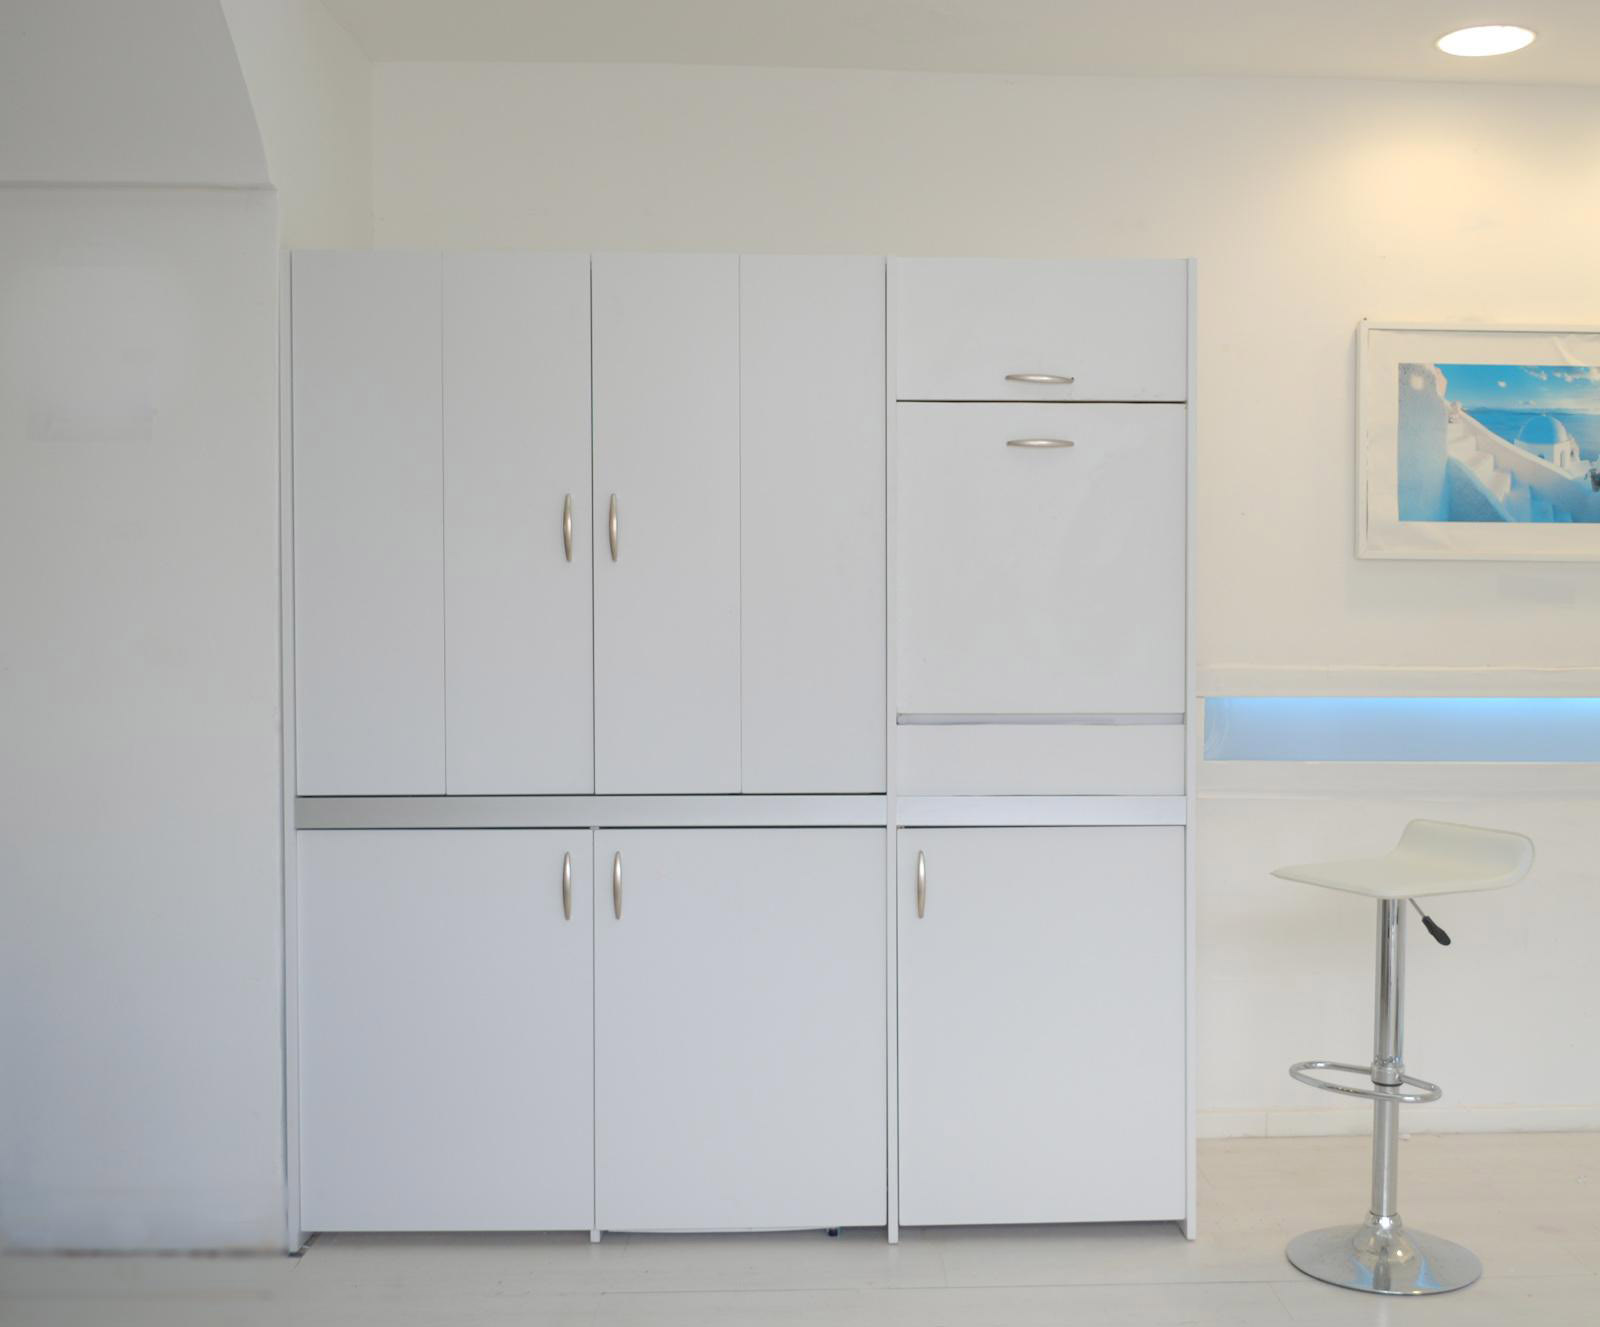 Cucina Salvaspazio Monoblocchi : Cucina monoblocco disponibile in misure by simoni arreda